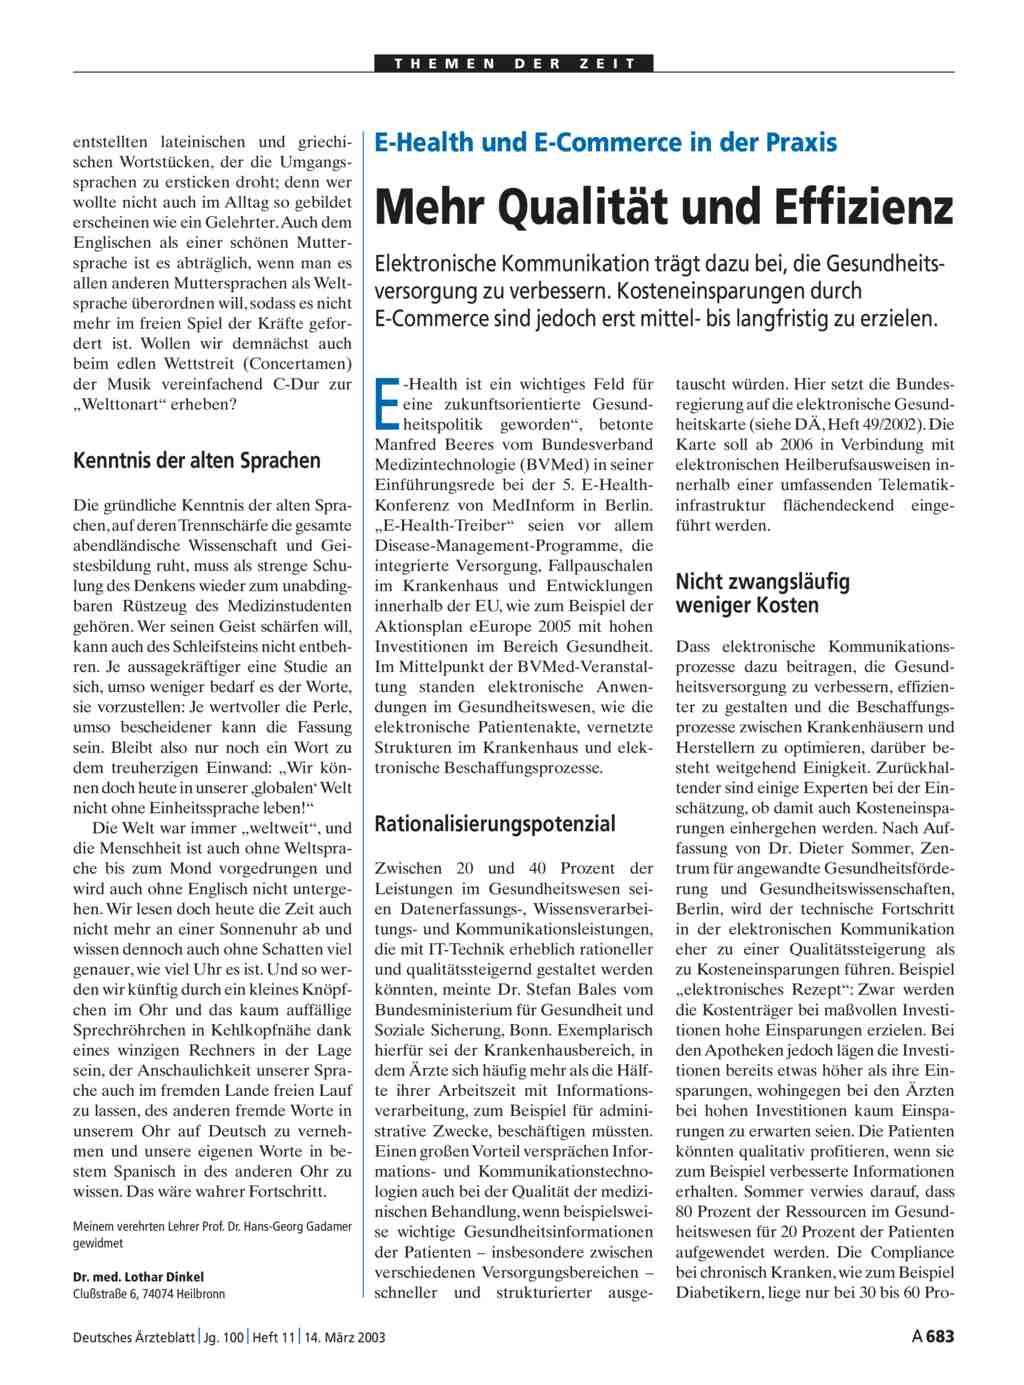 E health und e commerce in der praxis mehr qualit t und for Medizin studieren schweiz